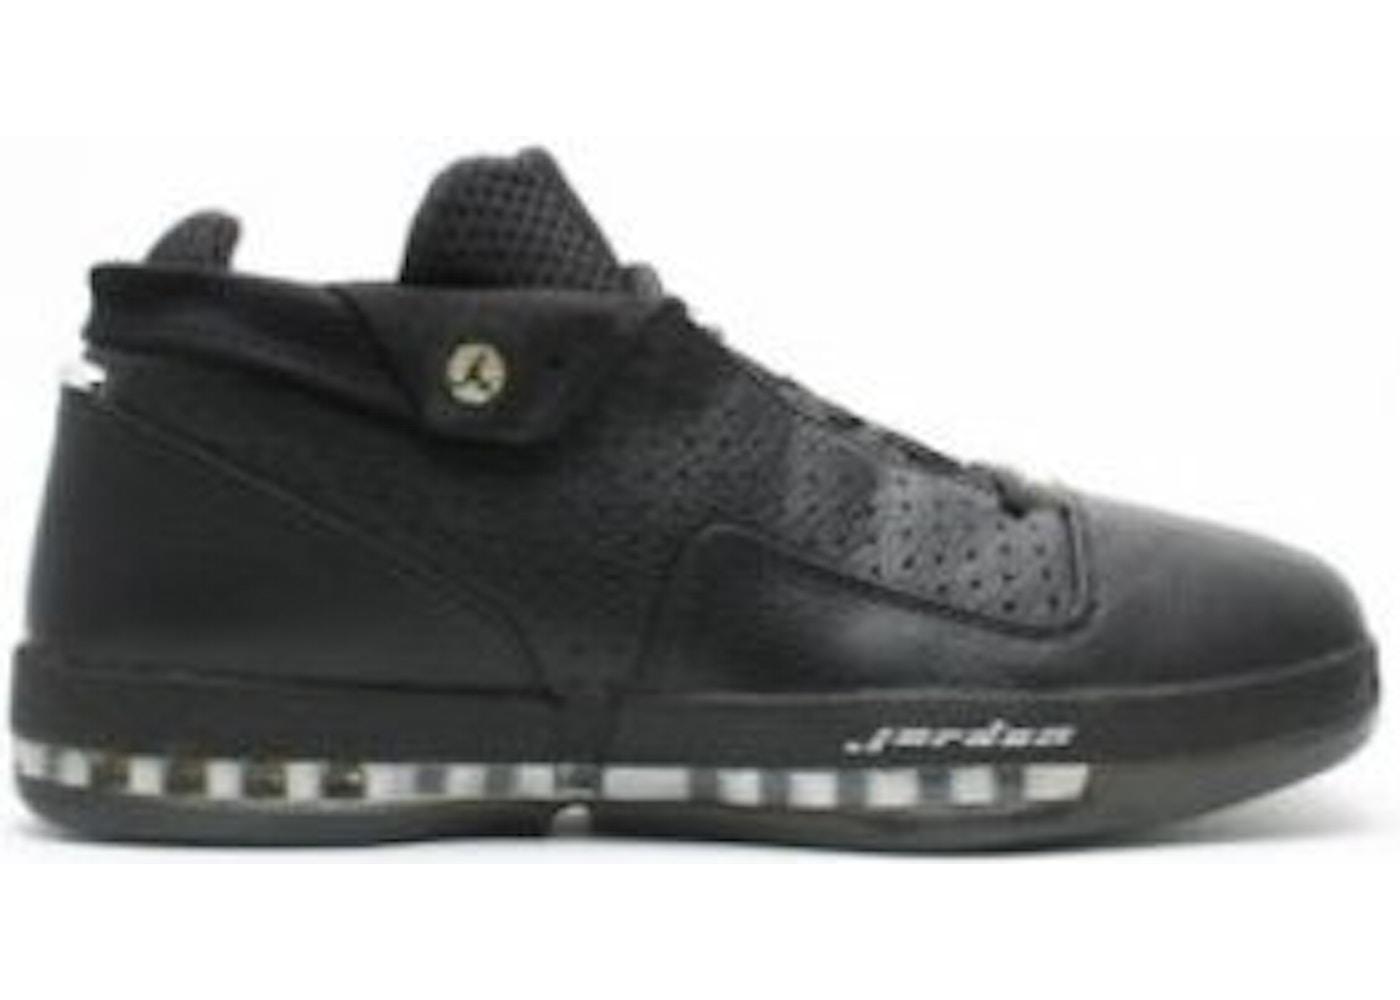 d4ff7b821ec1 Buy Air Jordan 16 Shoes   Deadstock Sneakers